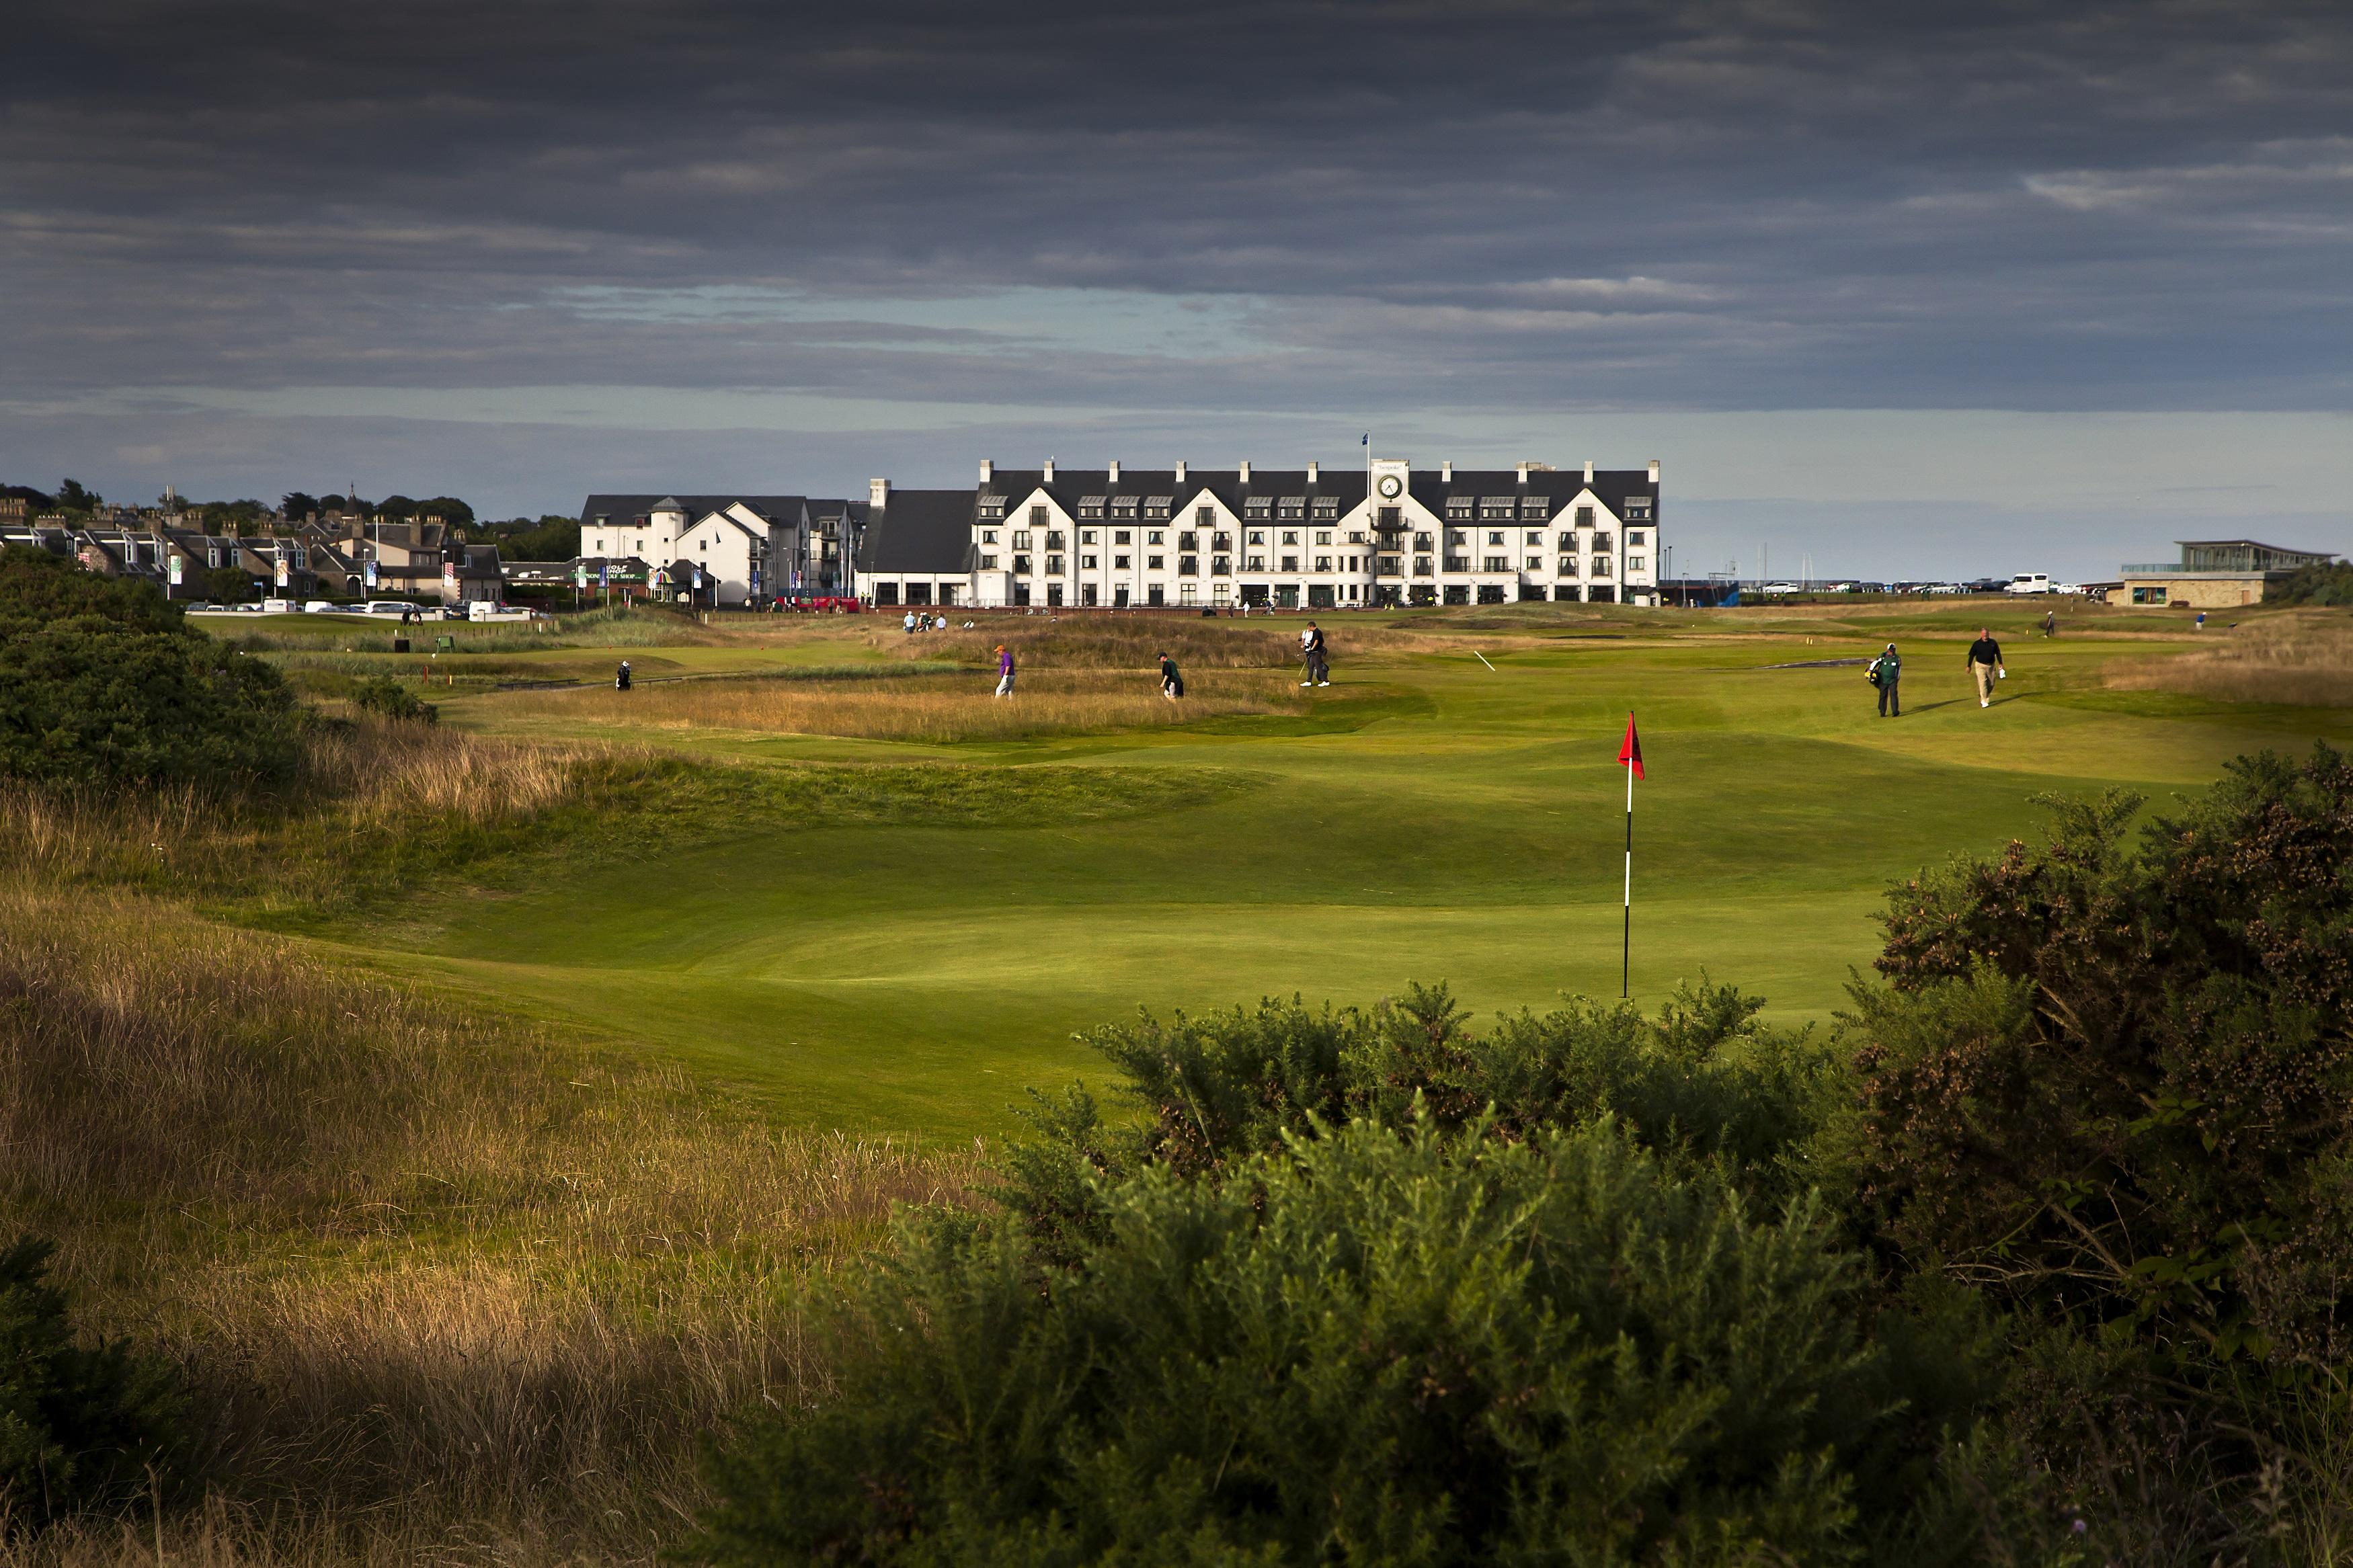 Golfgrün mit Golfspieler und Club Haus auf dem Carnoustie Golfplatz in Schottland